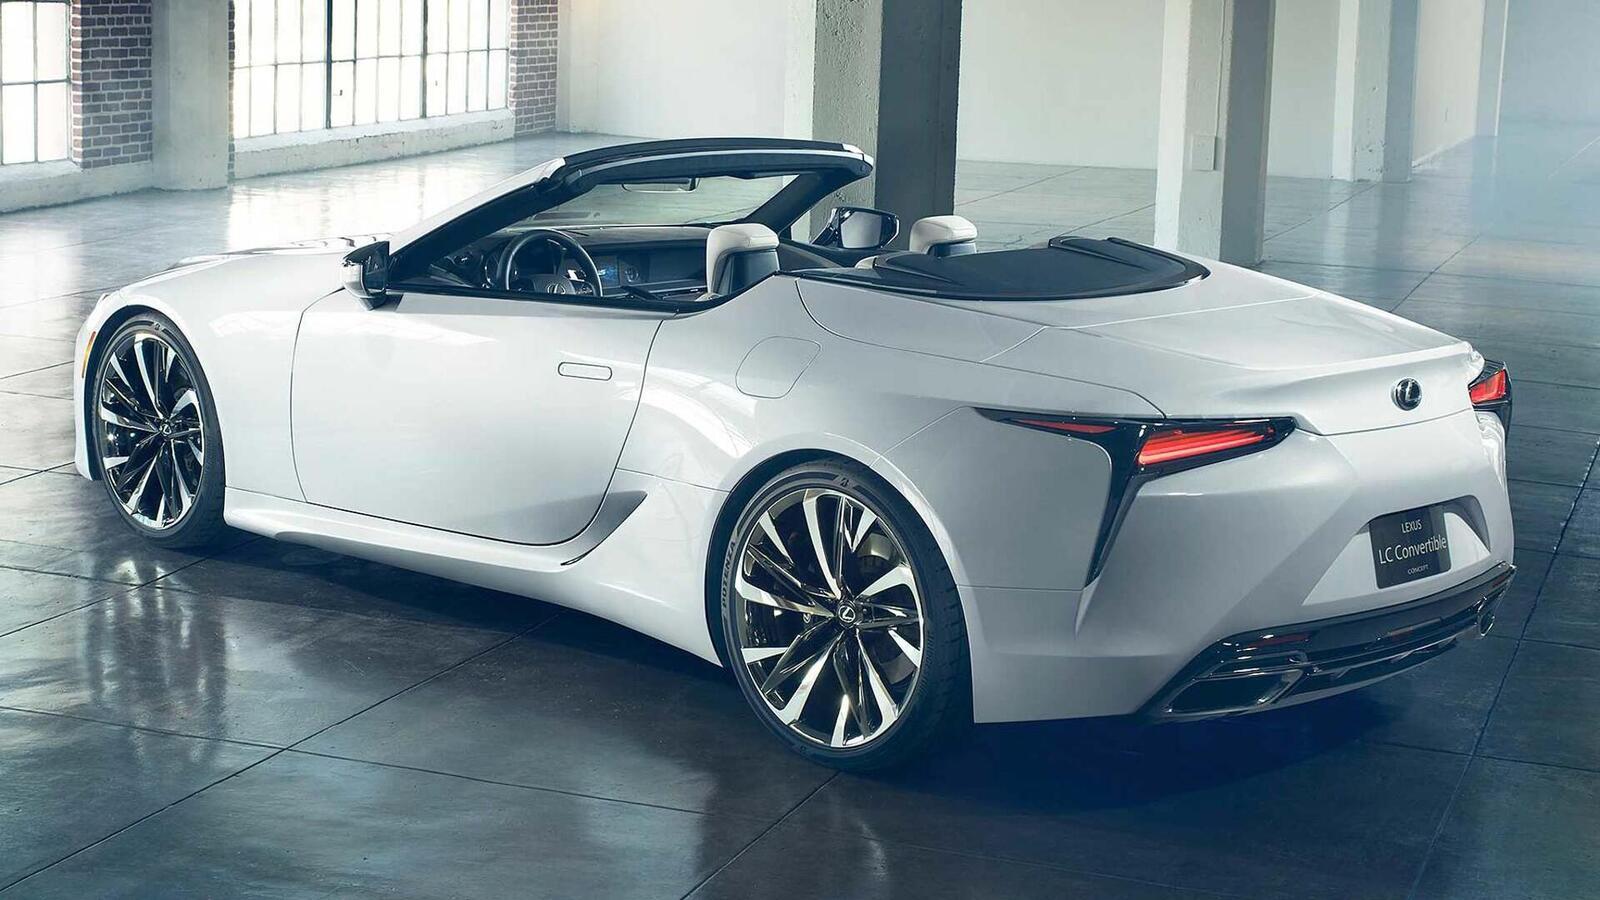 Lexus LC Convertible Concept 2020 sắp ra mắt tại Triển Lãm ô tô Quốc Tế Bắc Mỹ 2019 - Hình 6